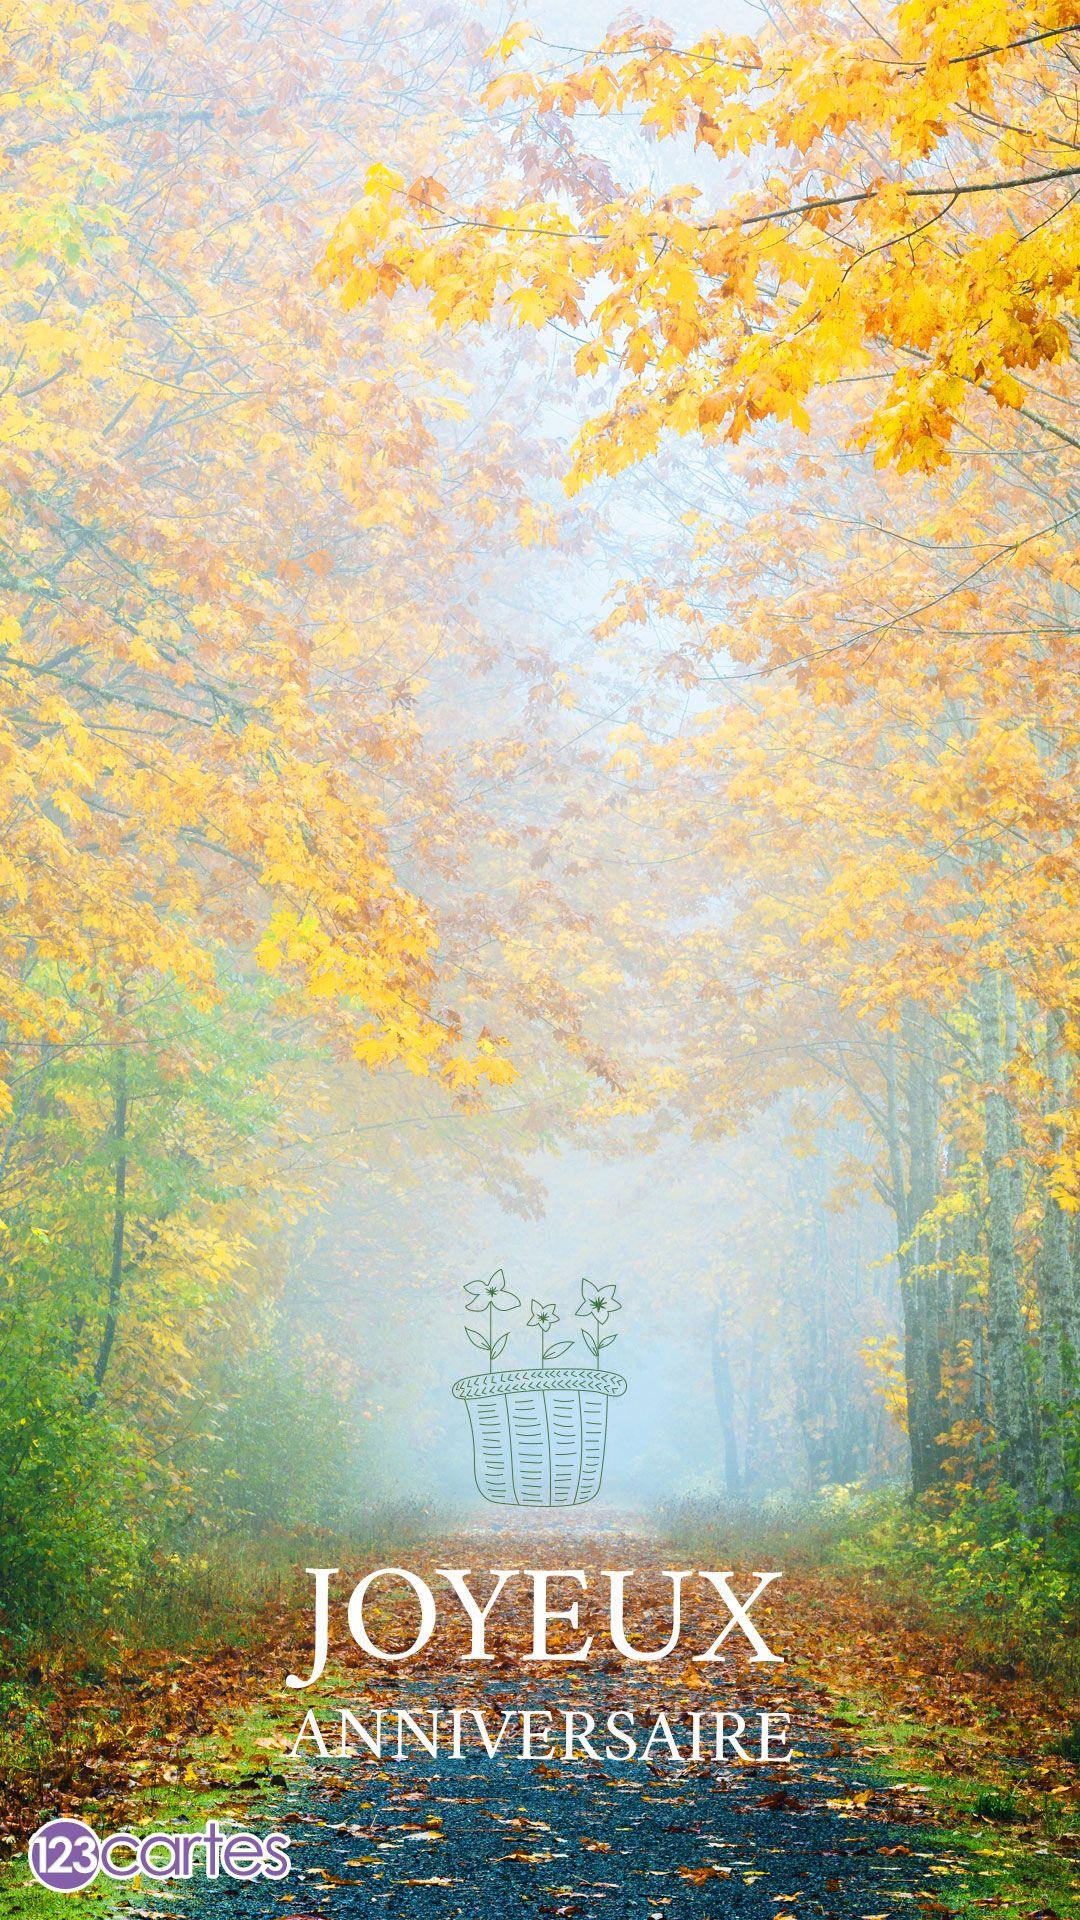 Forêt avec un sentier au milieu et le texte joyeux anniversaire